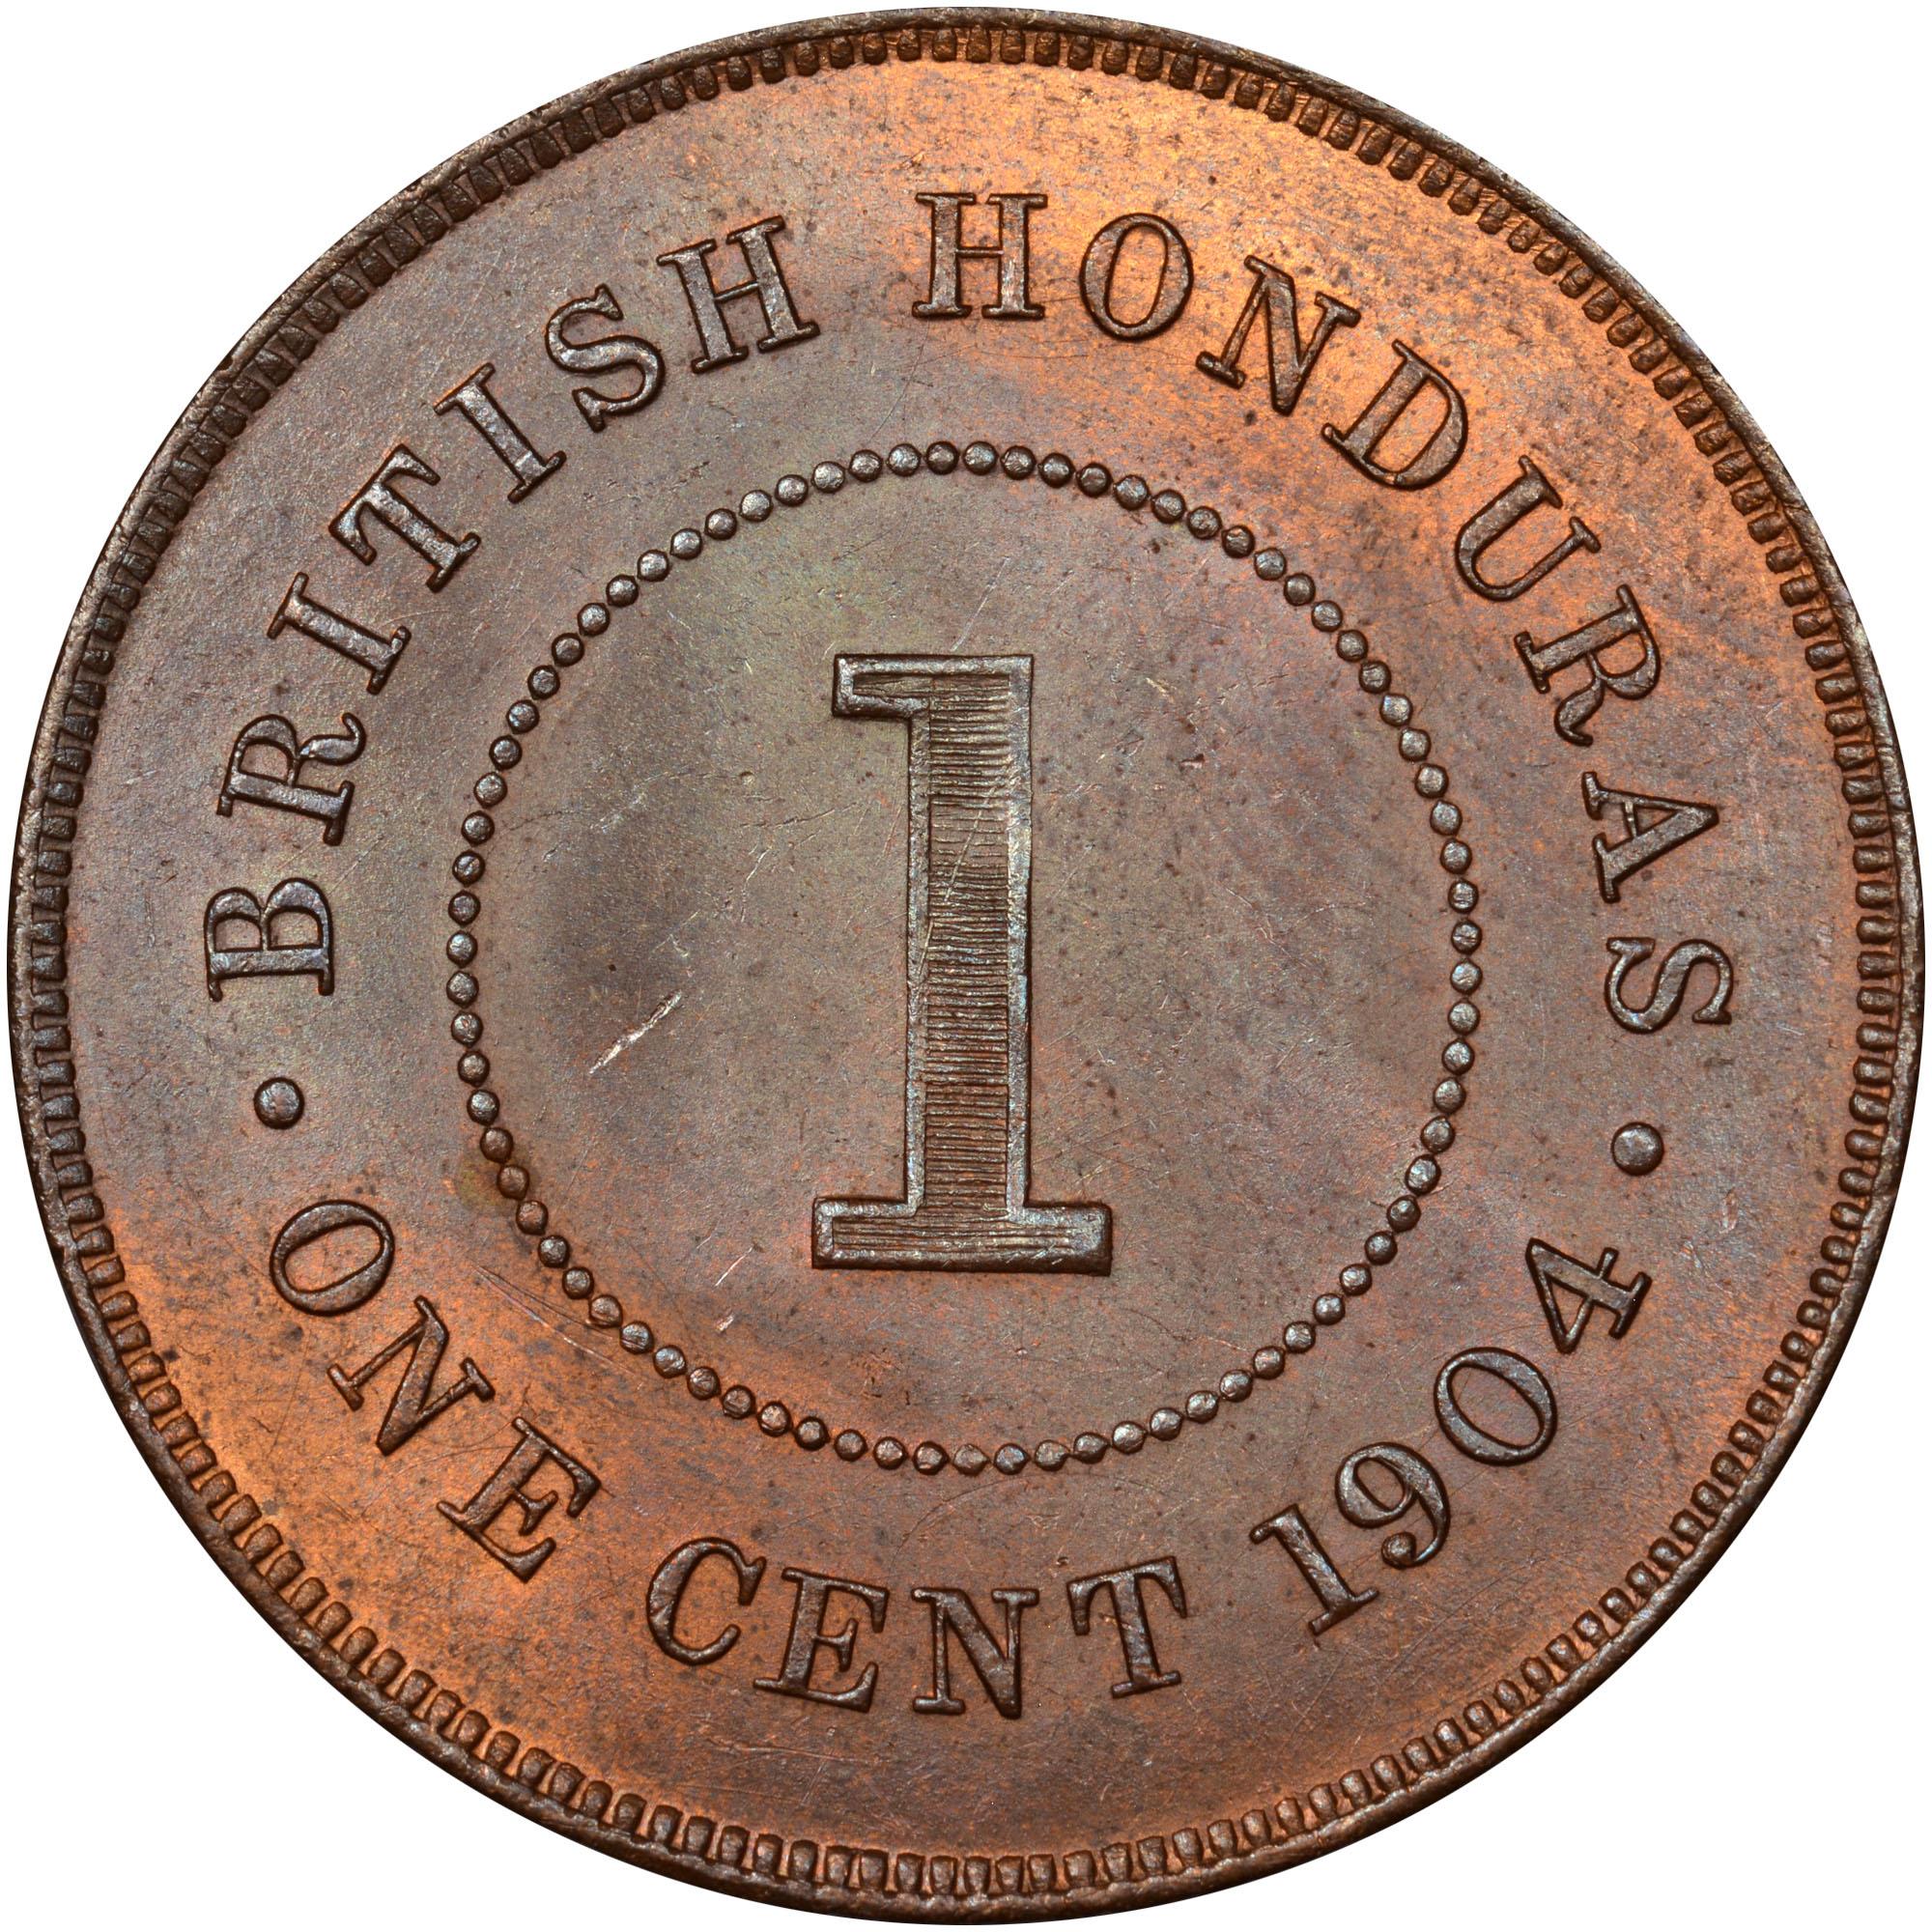 1904-1909 British Honduras Cent reverse